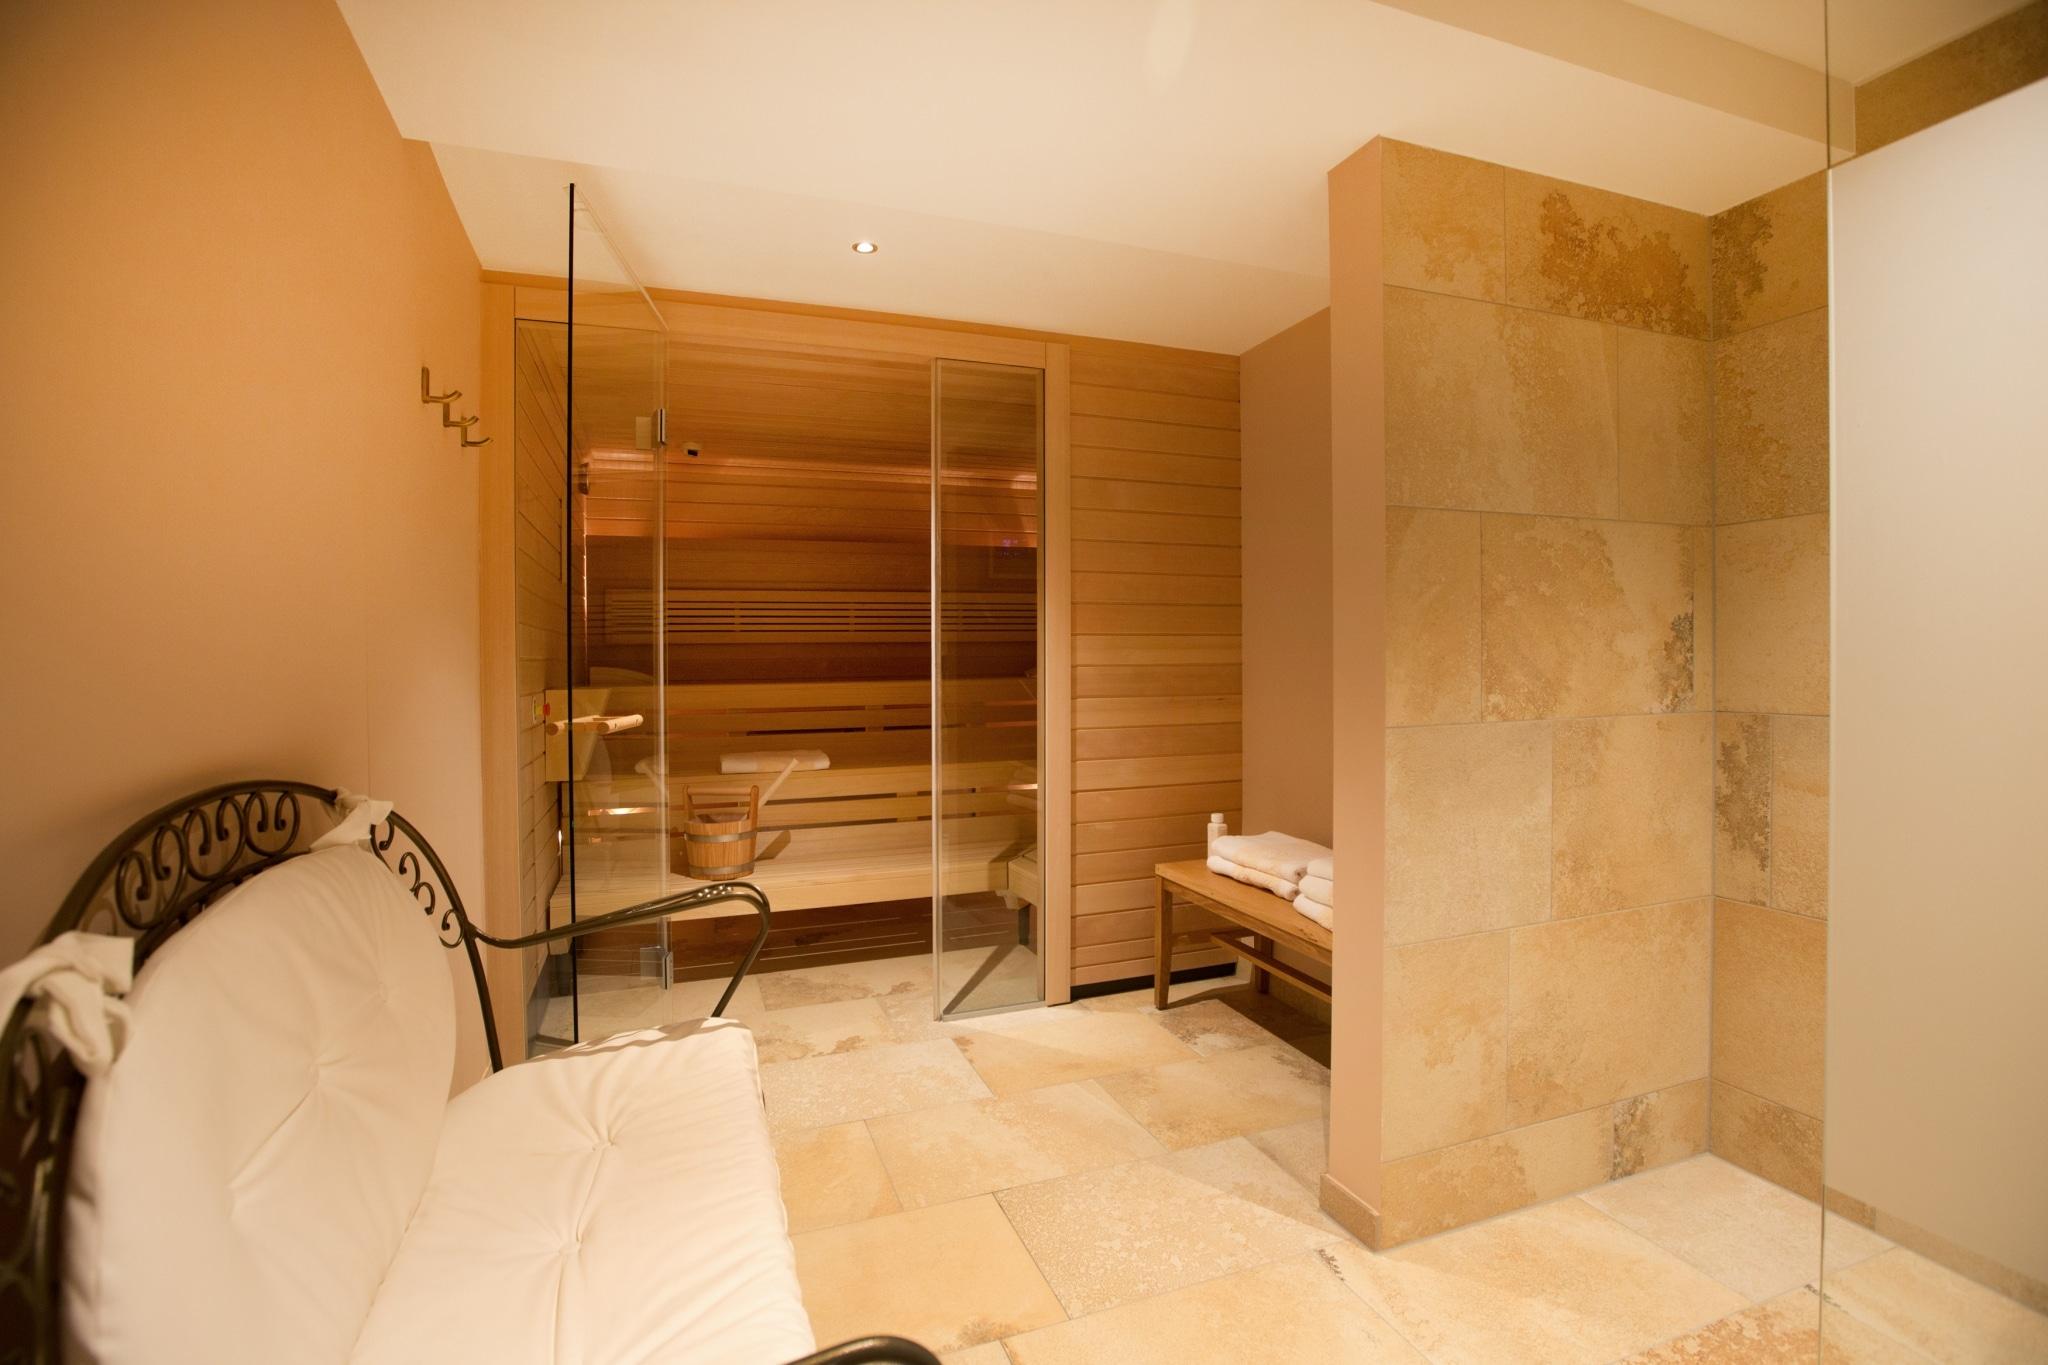 Symbolbild Hotel Familiensauna: Als Hotel mit Schwimmbad und Sauna darf in der Sonnenburg auch die Hotel Familiensauna nicht fehlen.